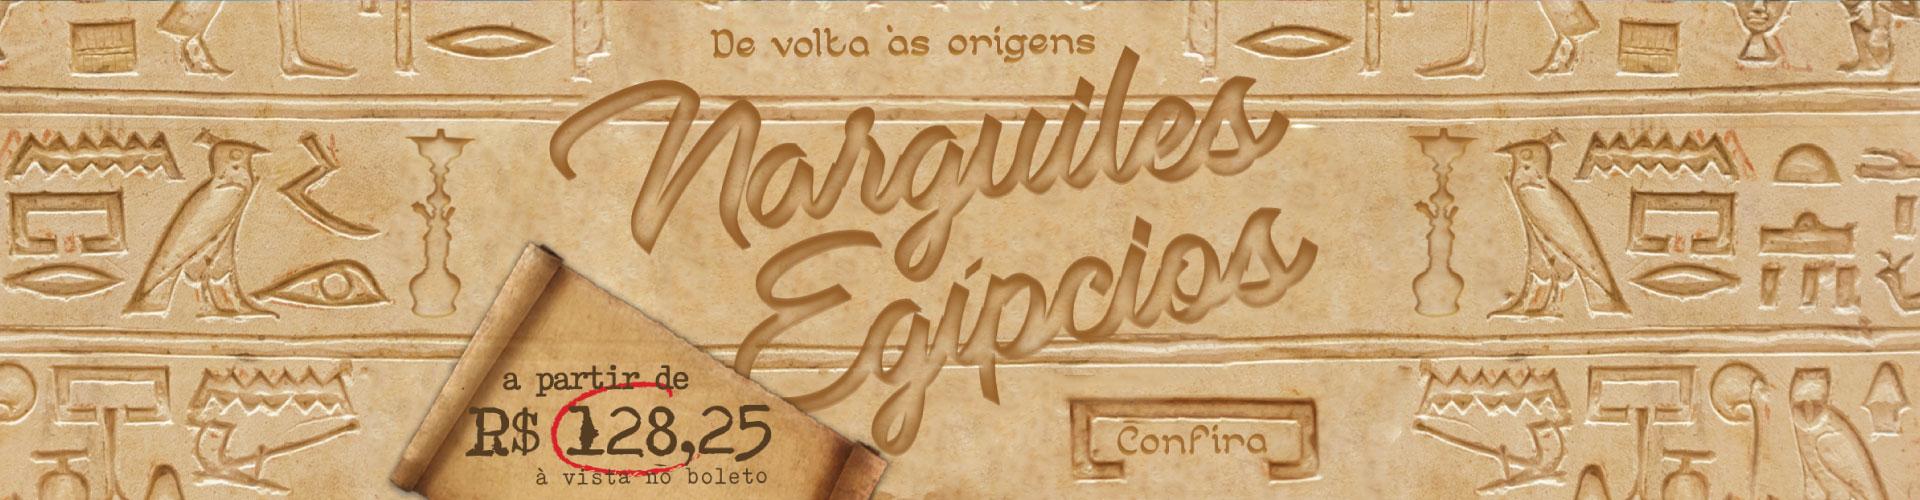 01_DESK_AGOSTO_MASTER_EGIPCIOS